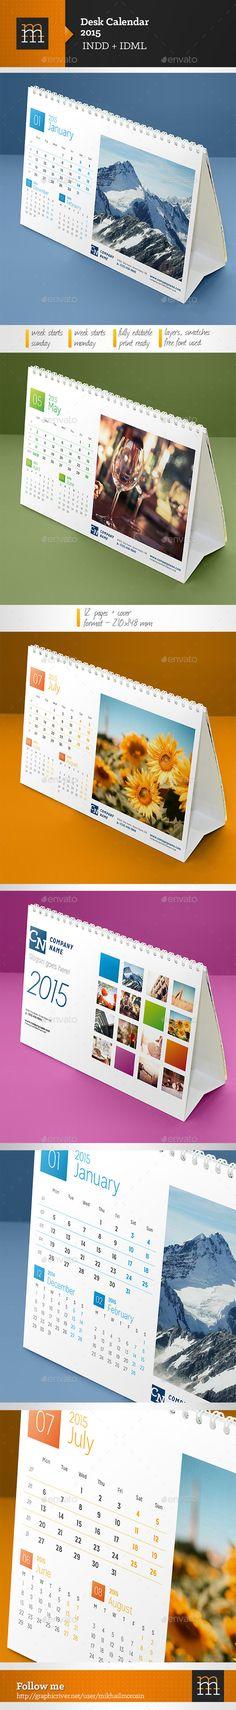 Takeo Calendar Diary 2016 Vivid Malaysia On Behance Calendar